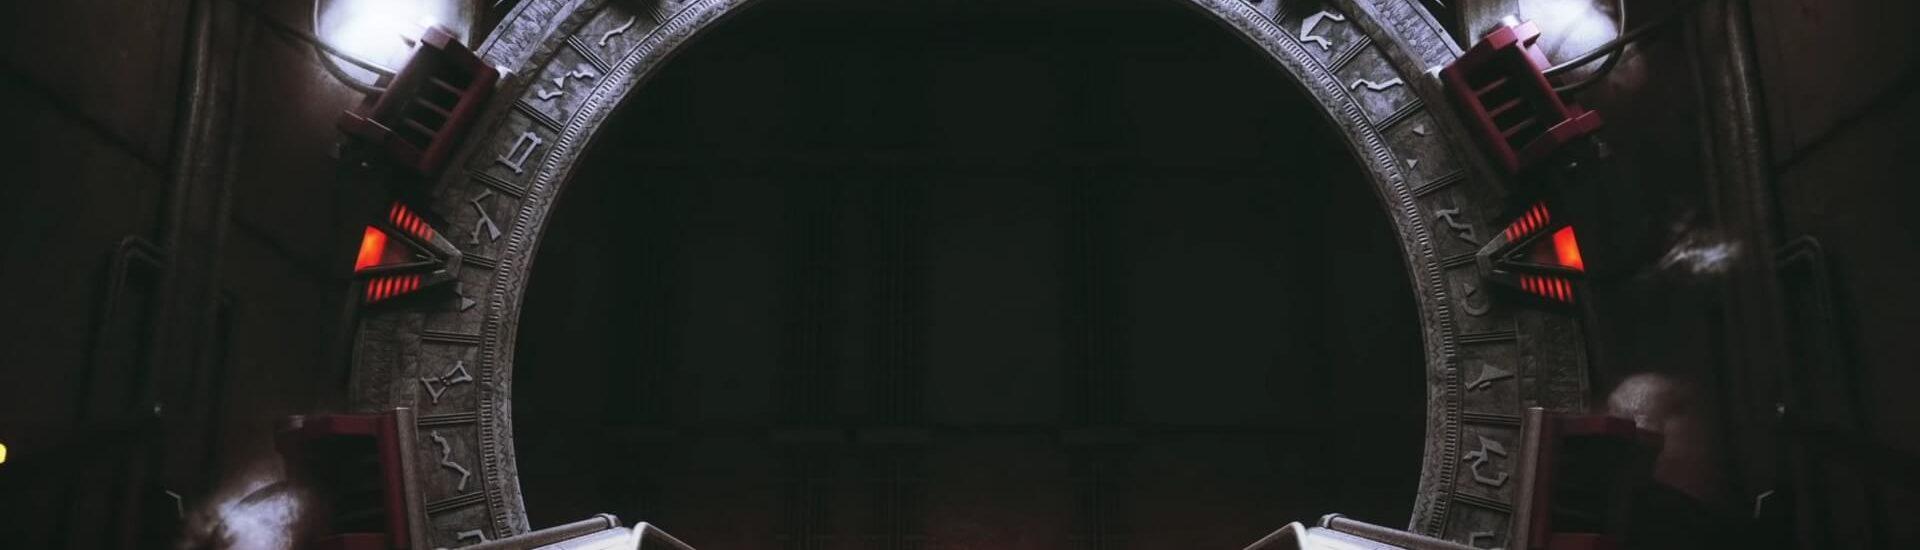 Stargate bekommt endlich eine Videospiel-Umsetzung